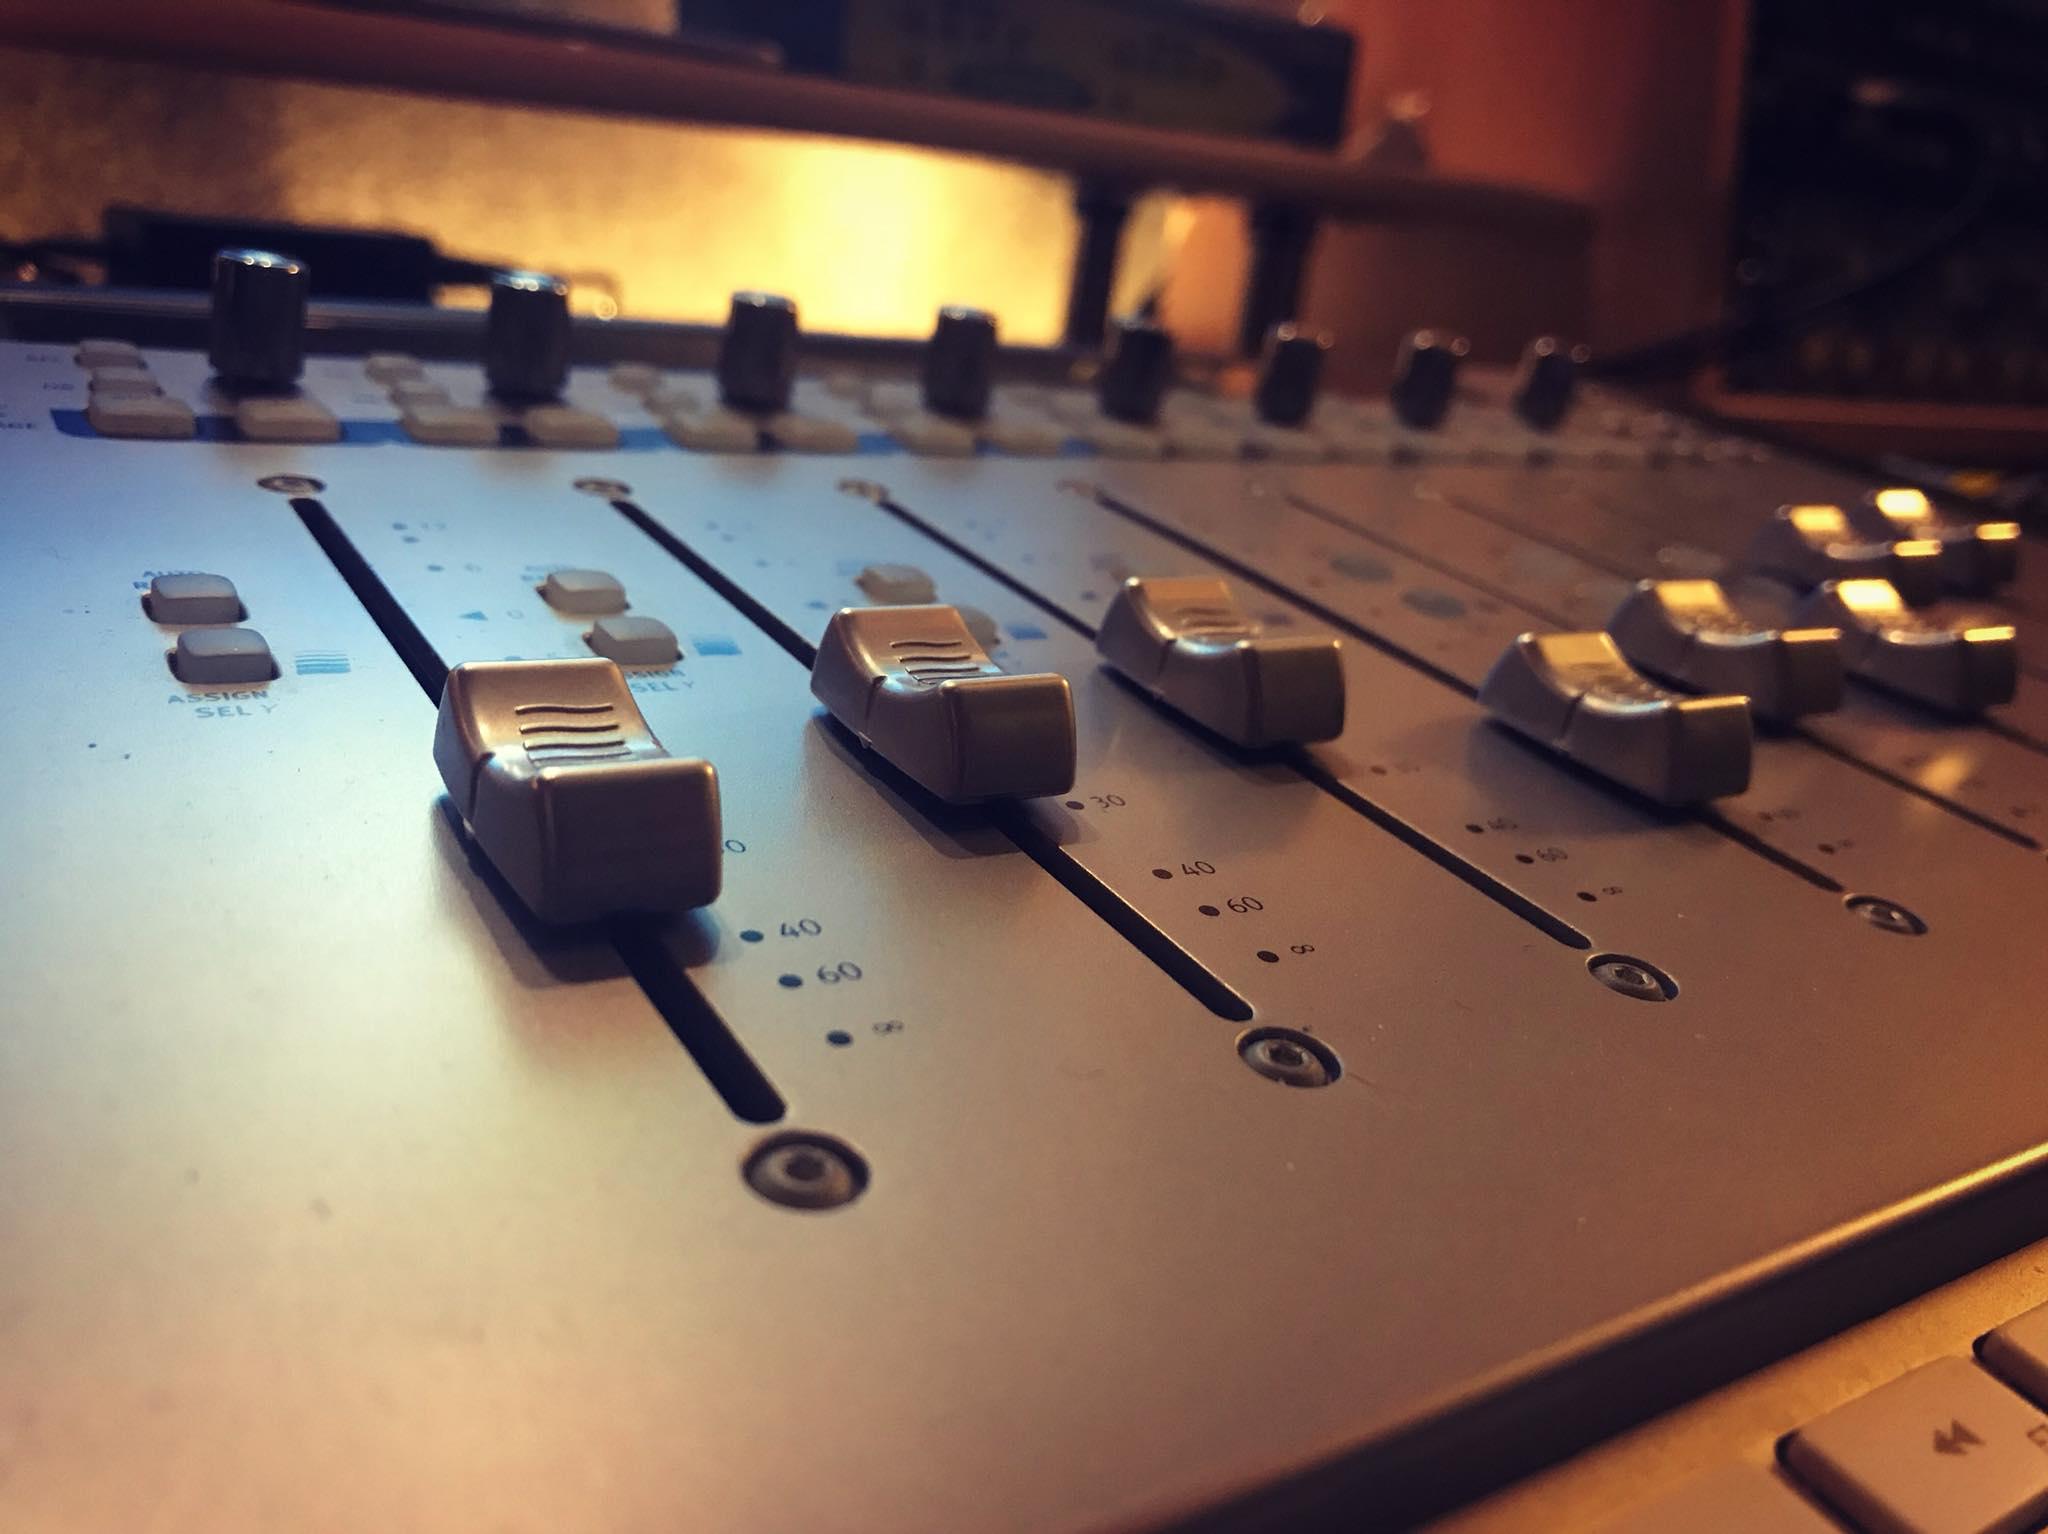 controller euphonix